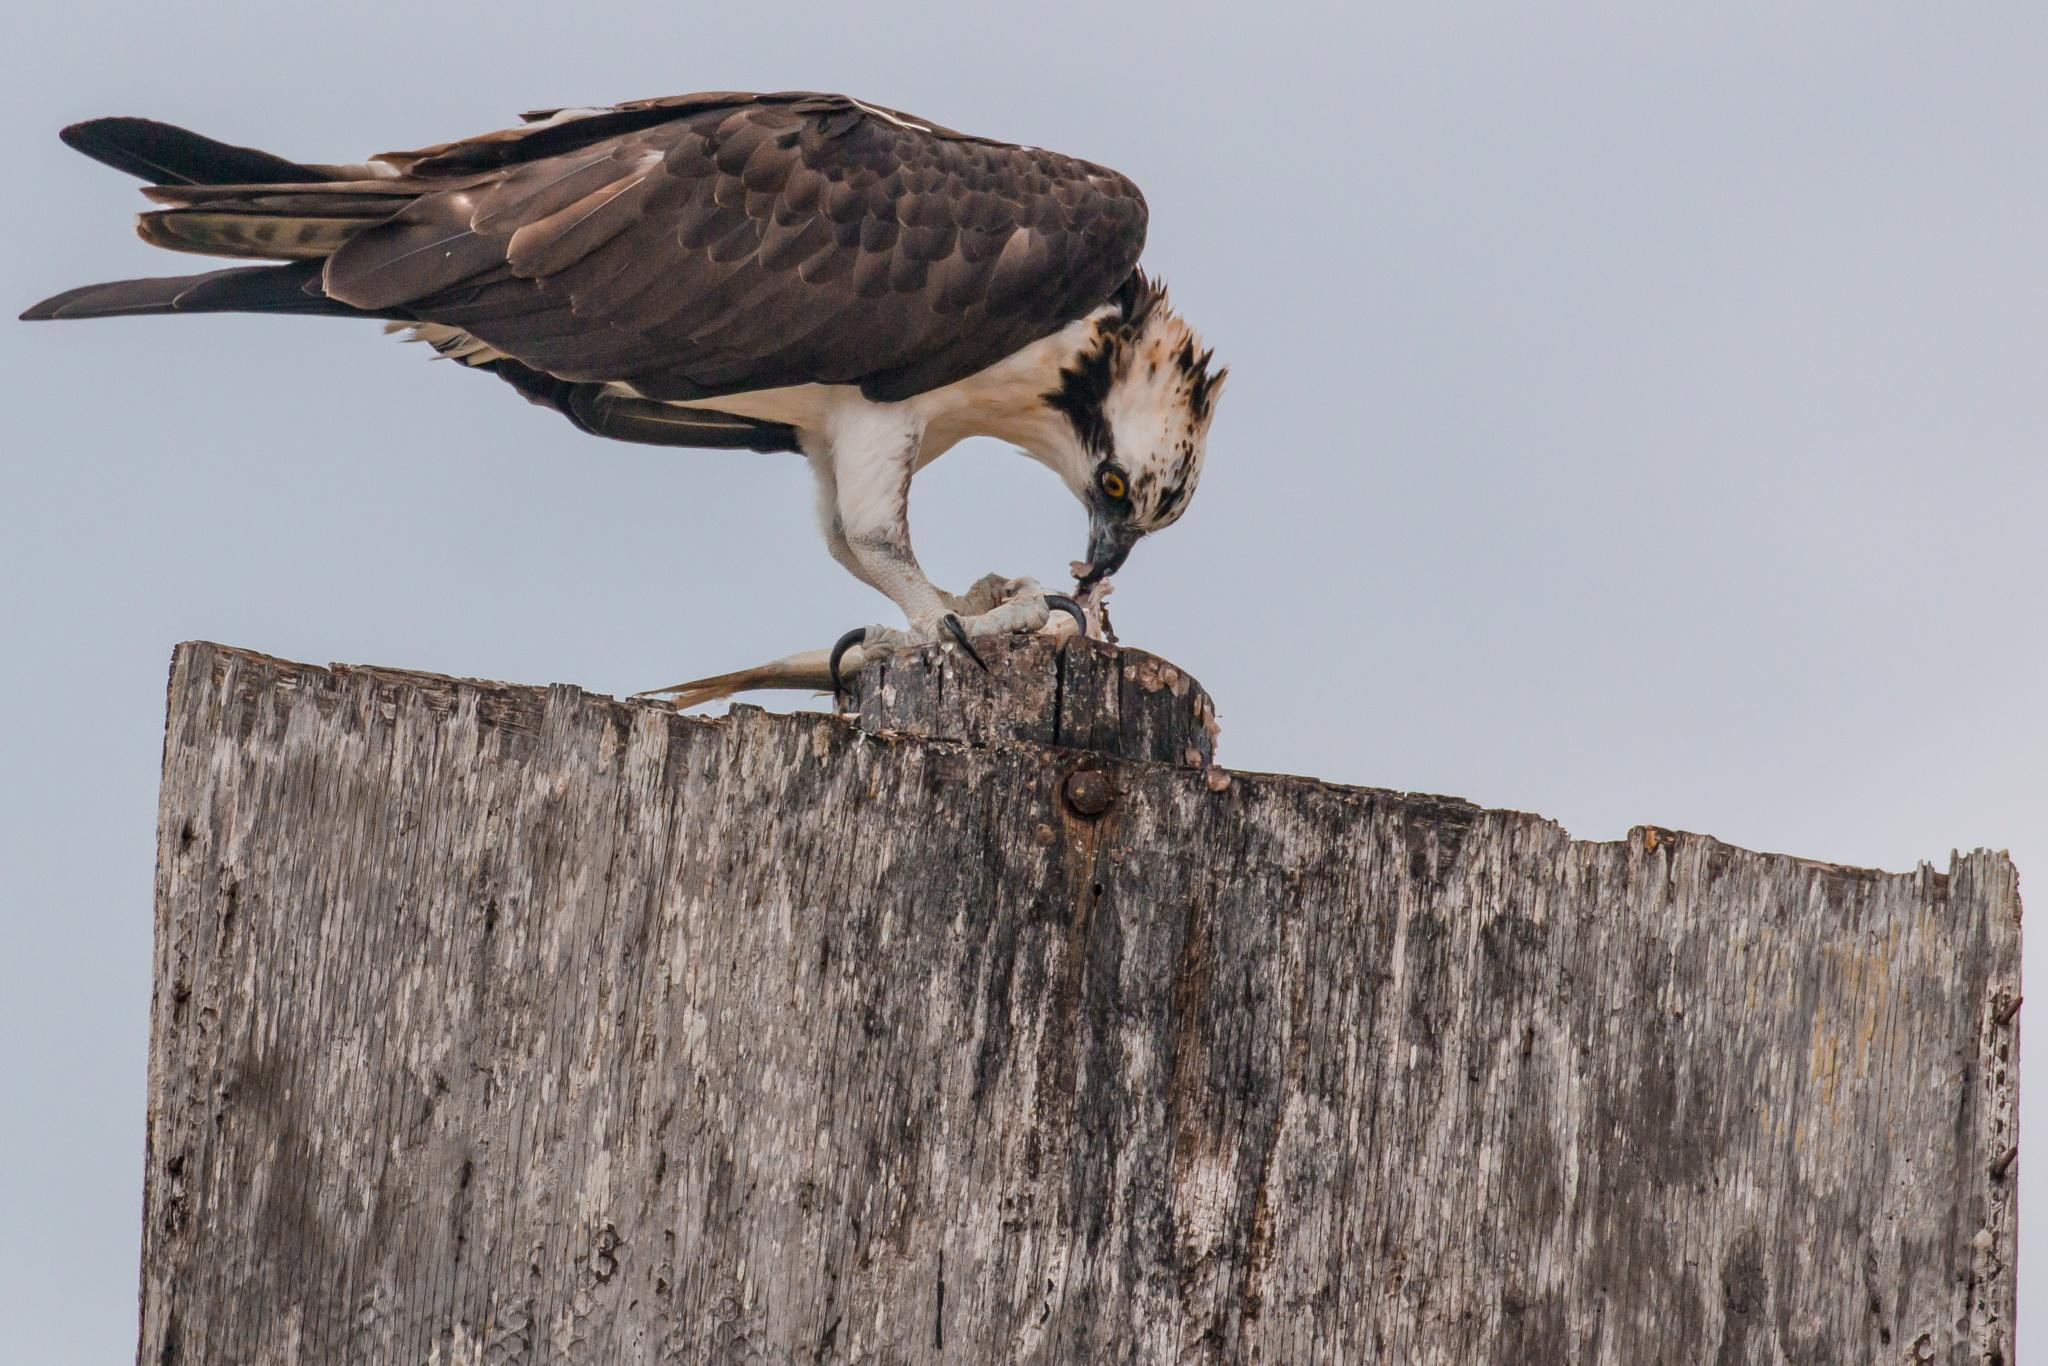 Osprey having dinner by Brent Rosenthal